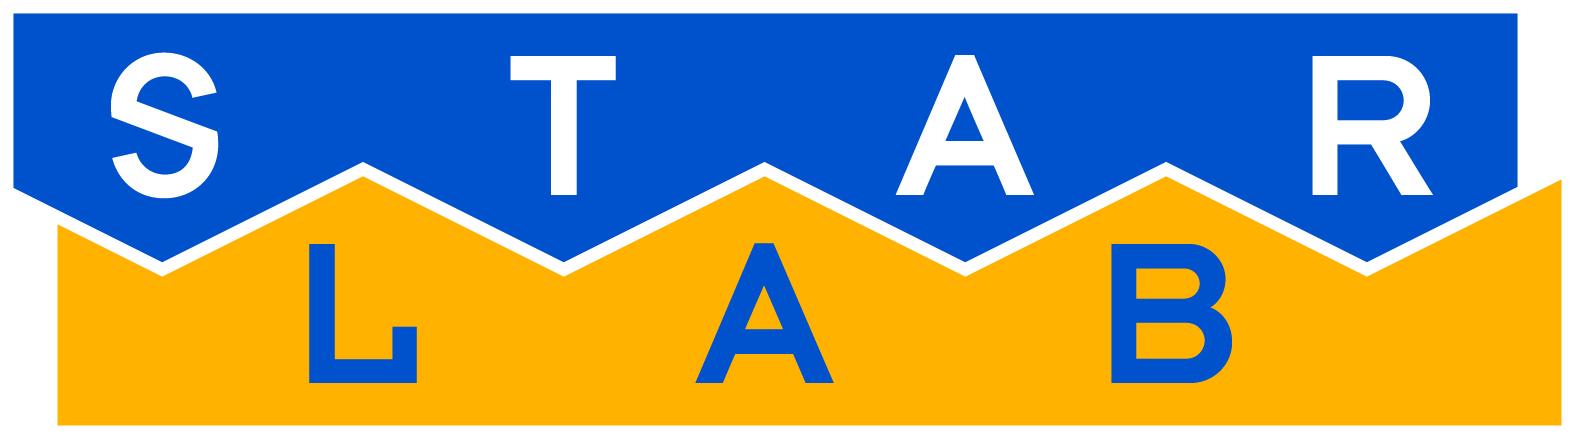 starlab-logo.jpg